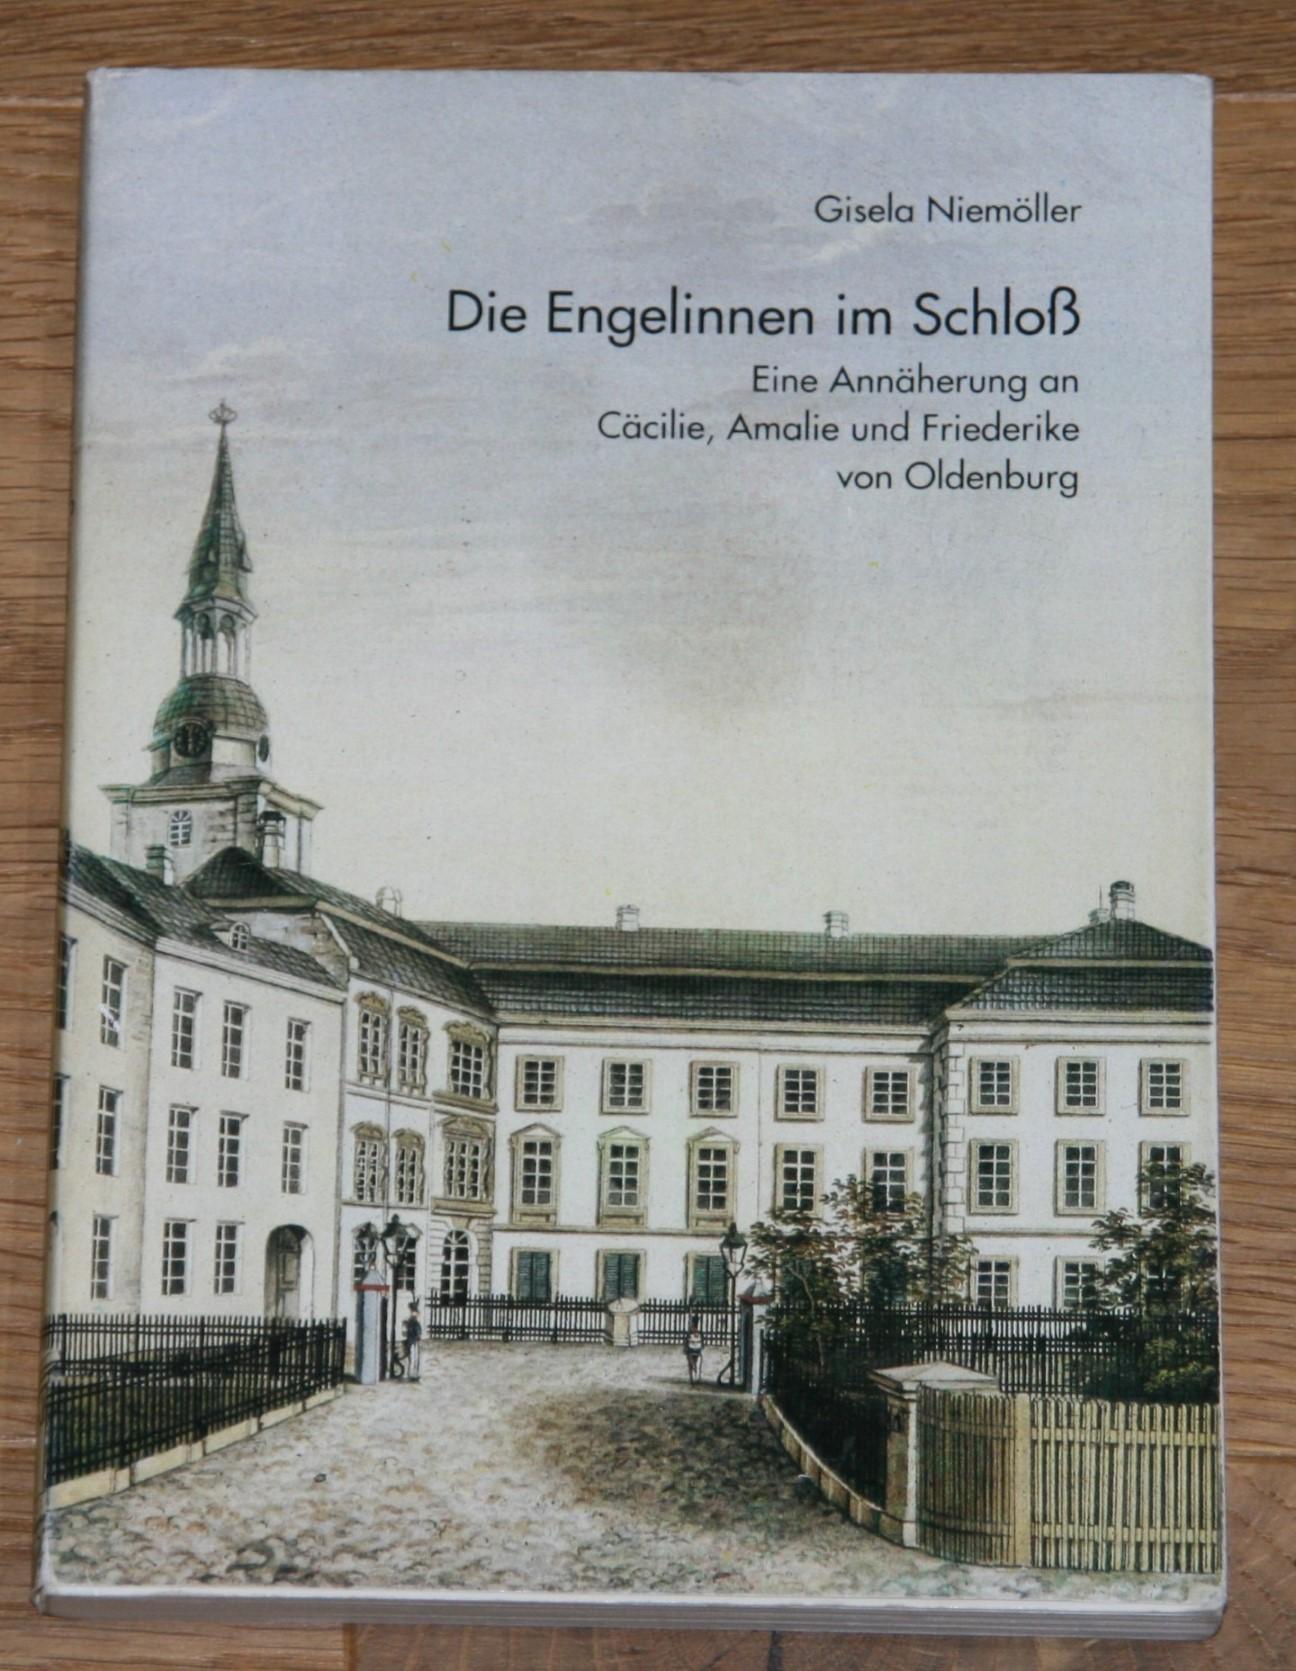 Die Engelinnen im Schloß. Eine Annäherung an Cäcilie, Amalie und Friederike von Oldenburg. [Hrsg. vom Zentrum für Frauen-Geschichte e.V., Oldenburg] 2. Auflage,